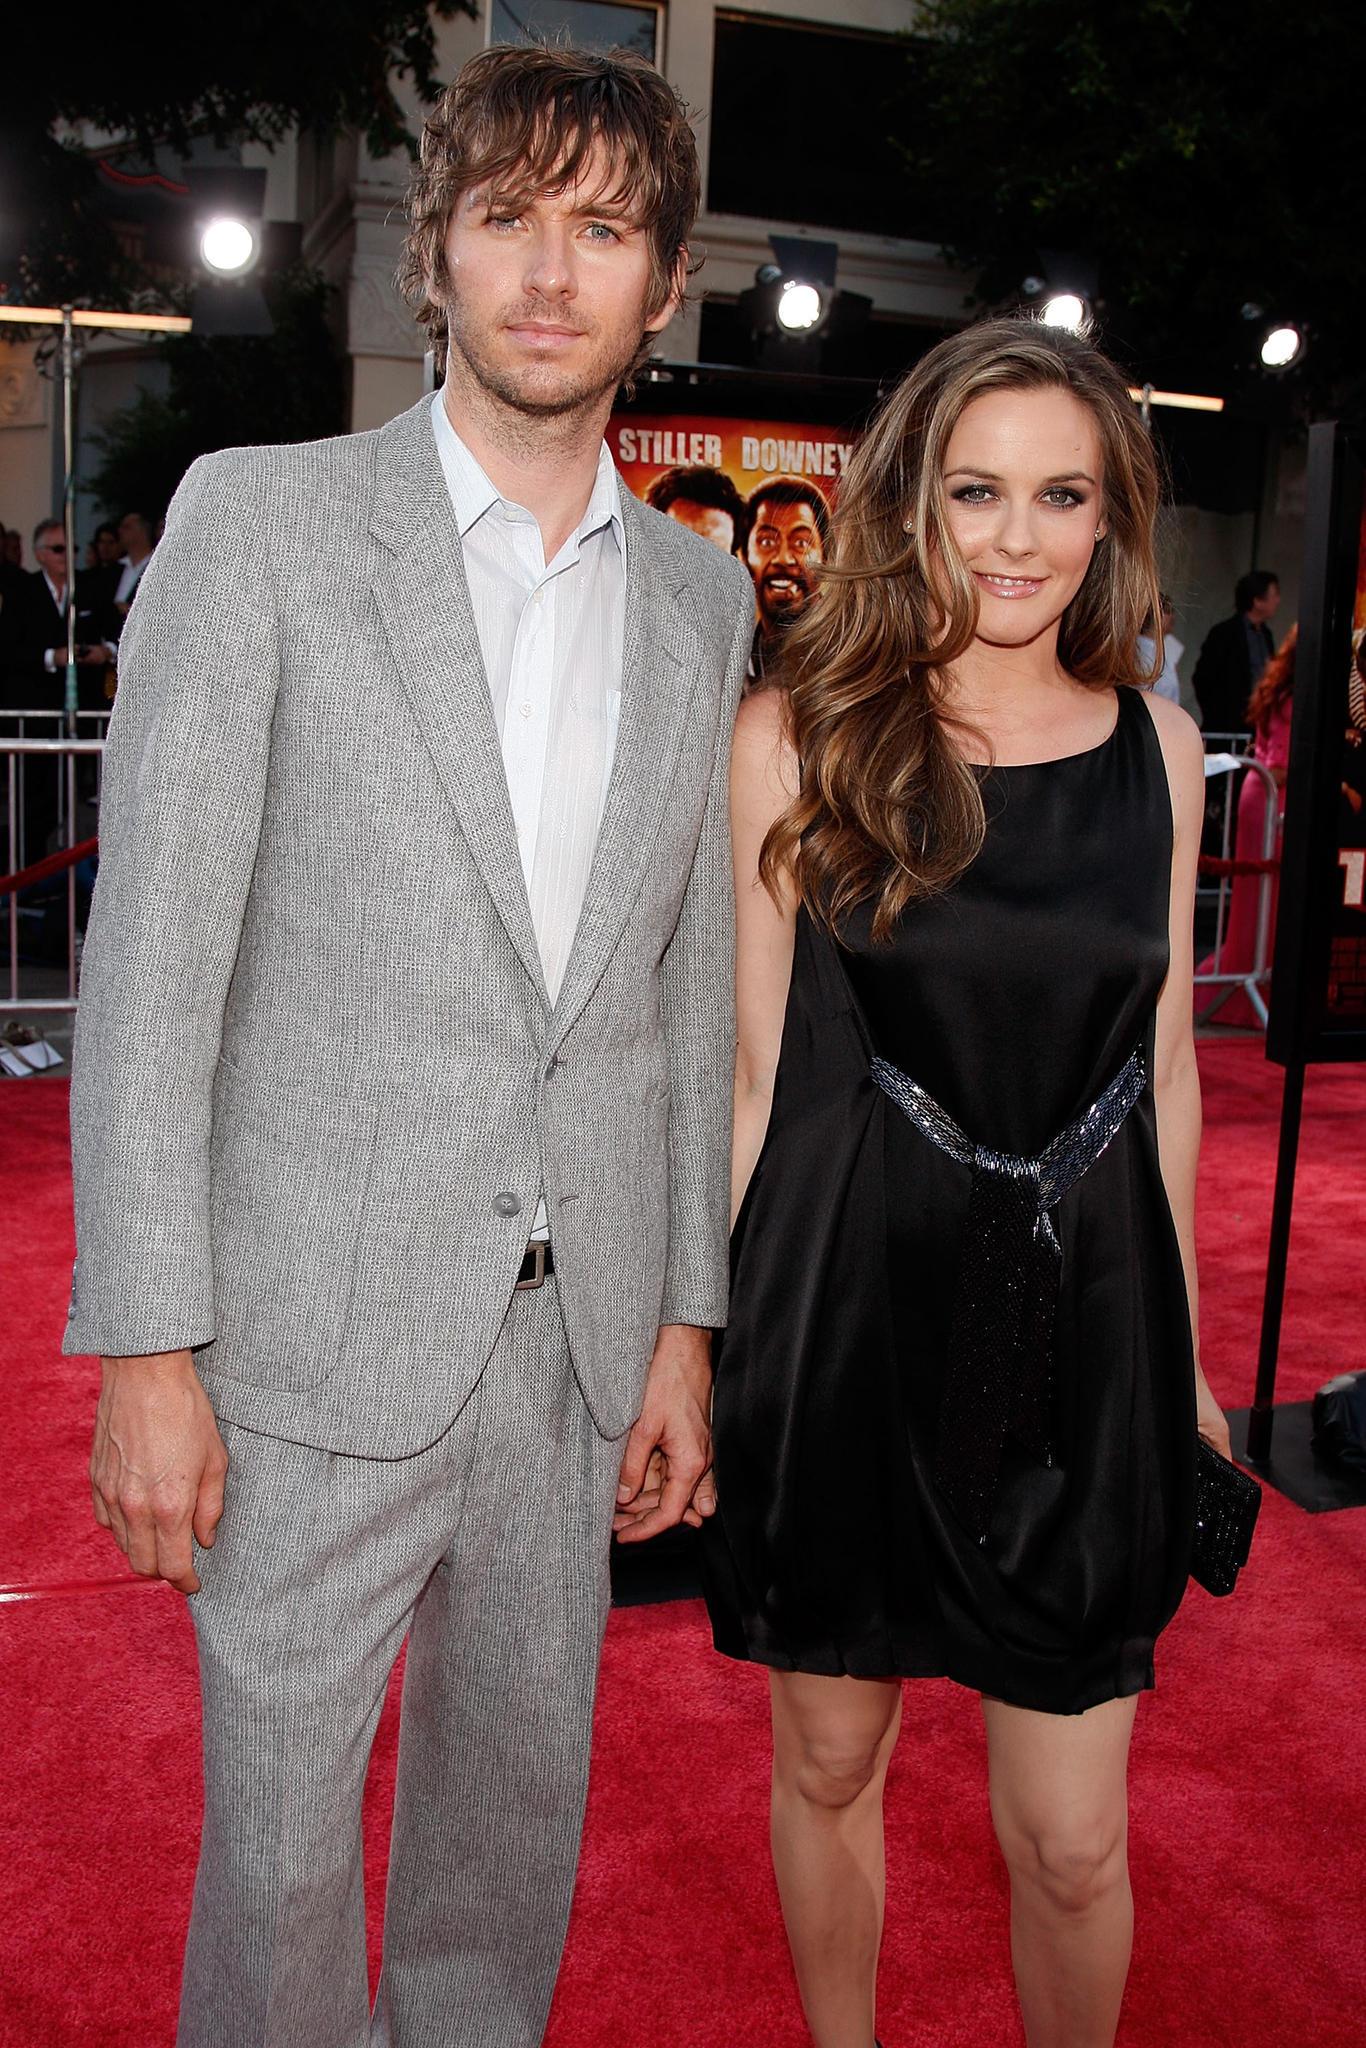 13 Jahre lang waren die Schauspielerin und derSänger der Band S.T.U.N. verheiratet. Nach über 20 Jahren Partnerschaft hat sich das Hollywood-Paar dann aber Anfang 2018 getrennt.